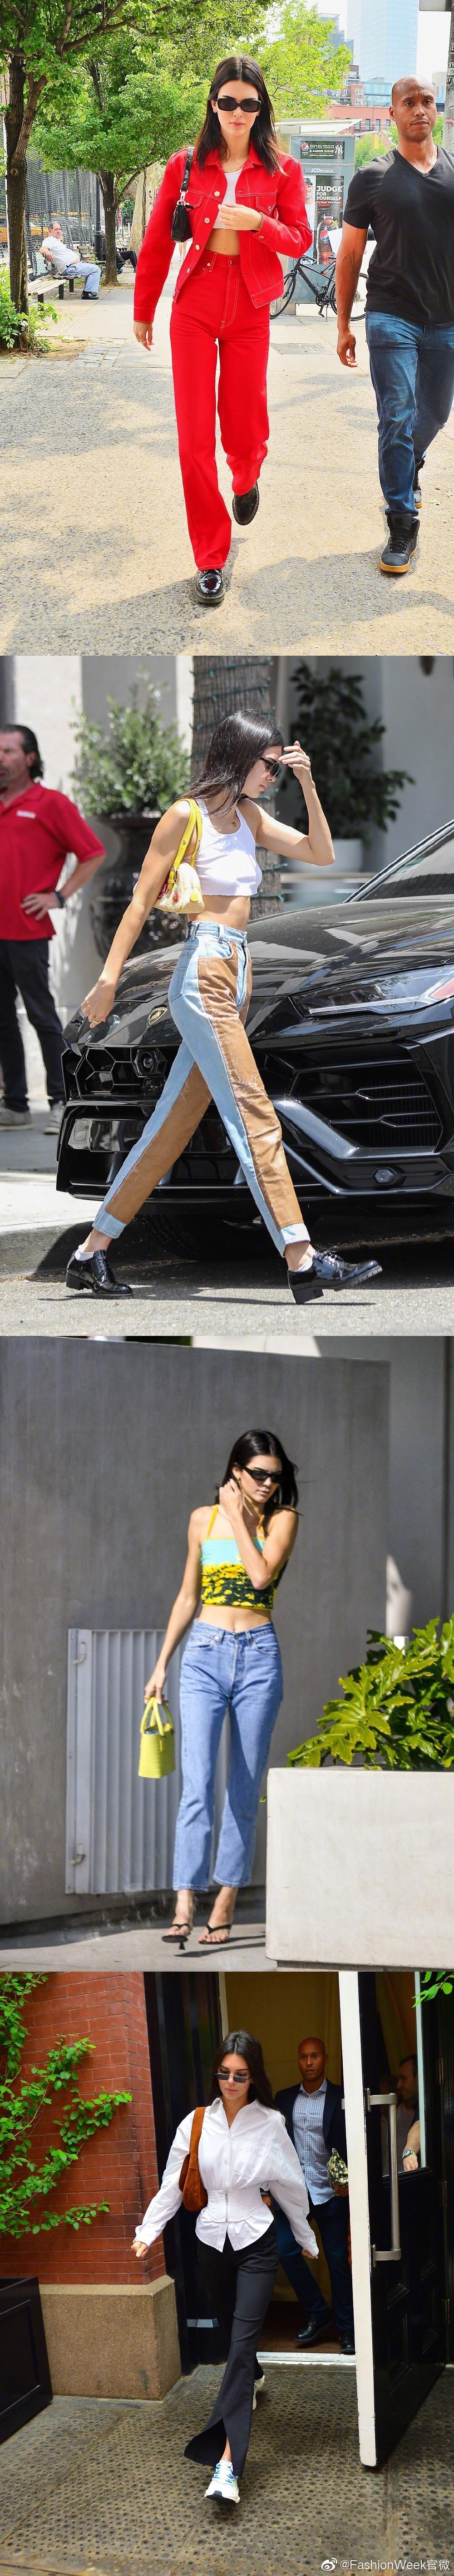 Kendall Jenner夏日街拍合集,缤纷挎包点亮不同造型~